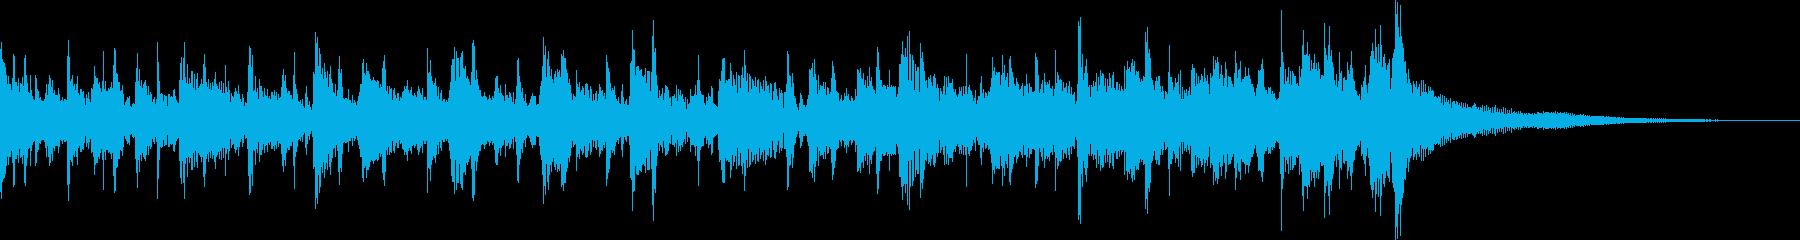 カントリーなジングルの再生済みの波形